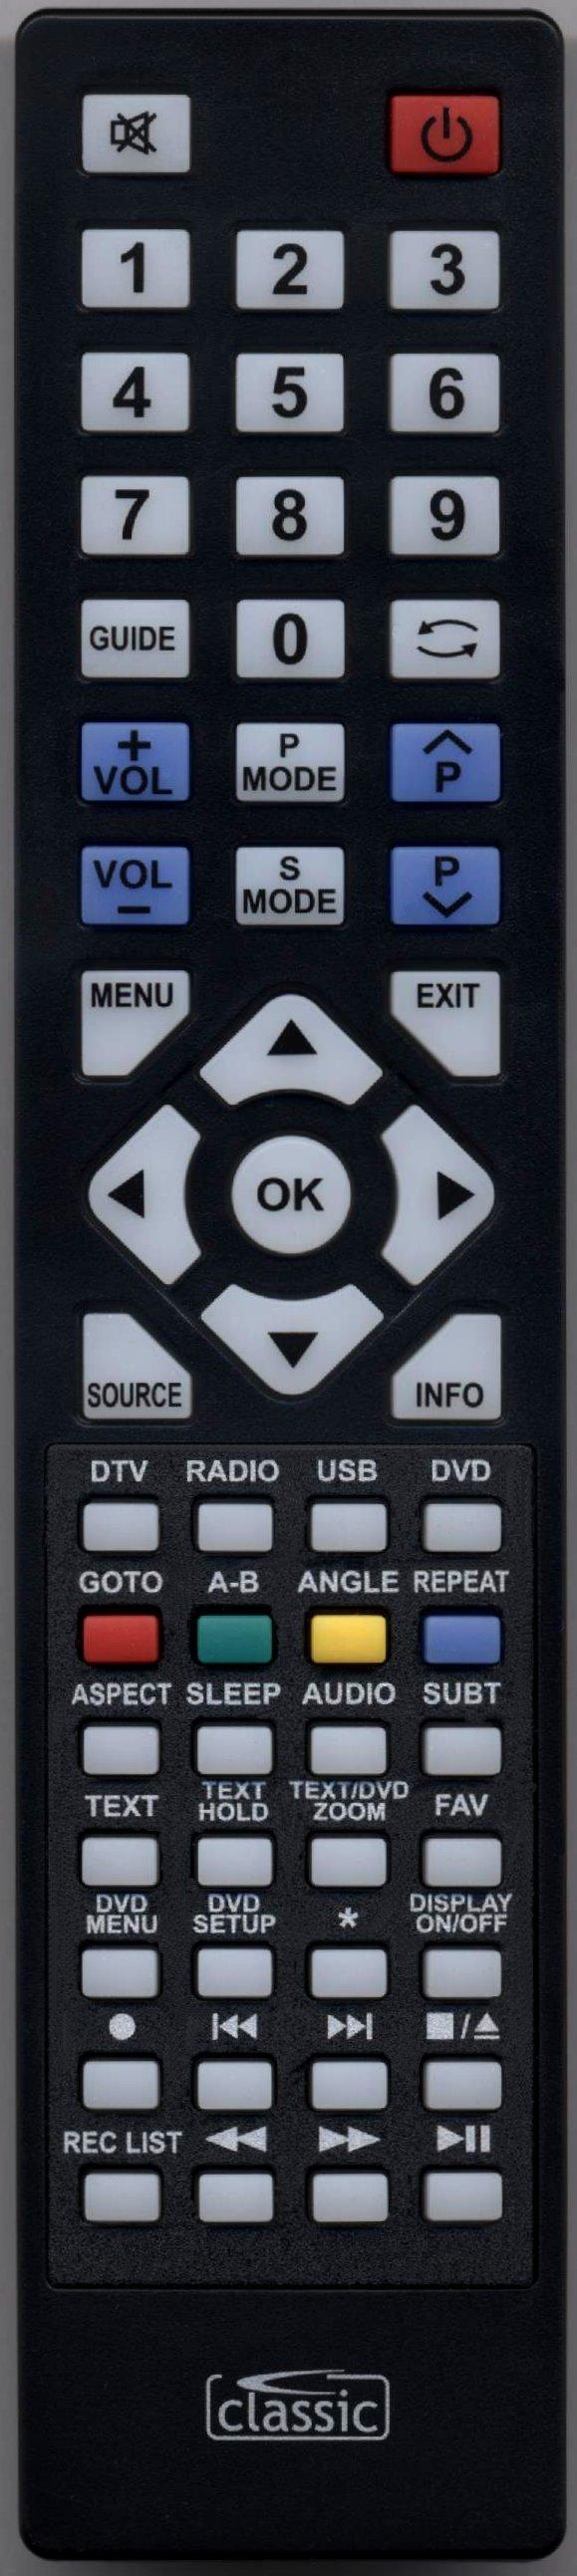 BLAUPUNKT 42/333I-GB-5B-F3HKUP-UK Remote Control Alternative